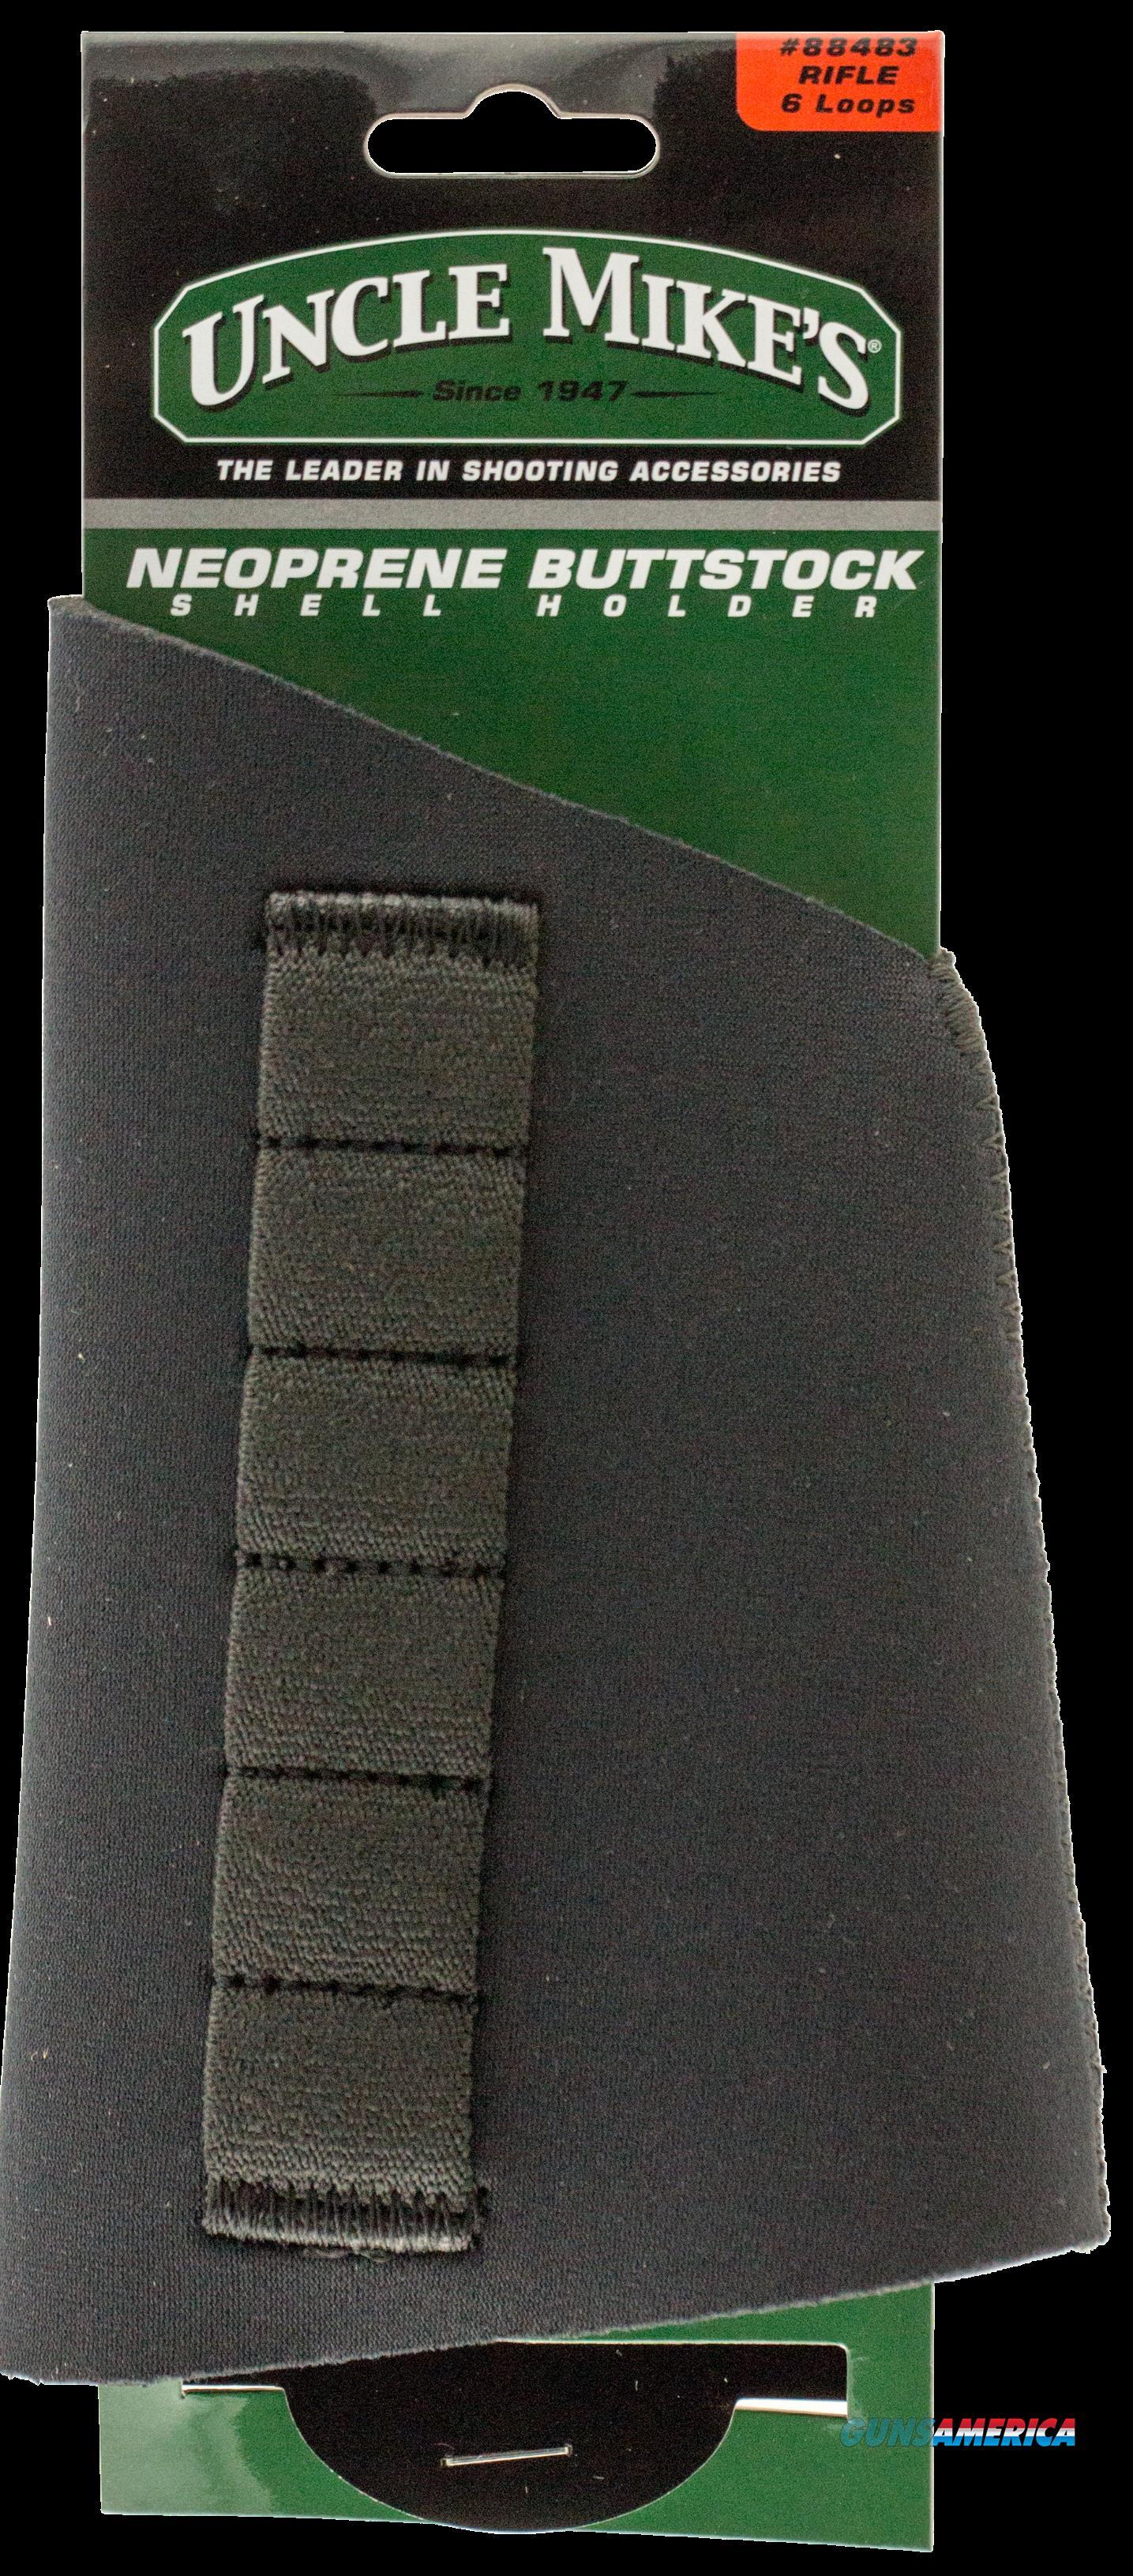 Uncle Mikes Buttstock Shell Holder, Unc 8848-3 Neoprene Rfl Butt Stk Hldr  Guns > Pistols > 1911 Pistol Copies (non-Colt)